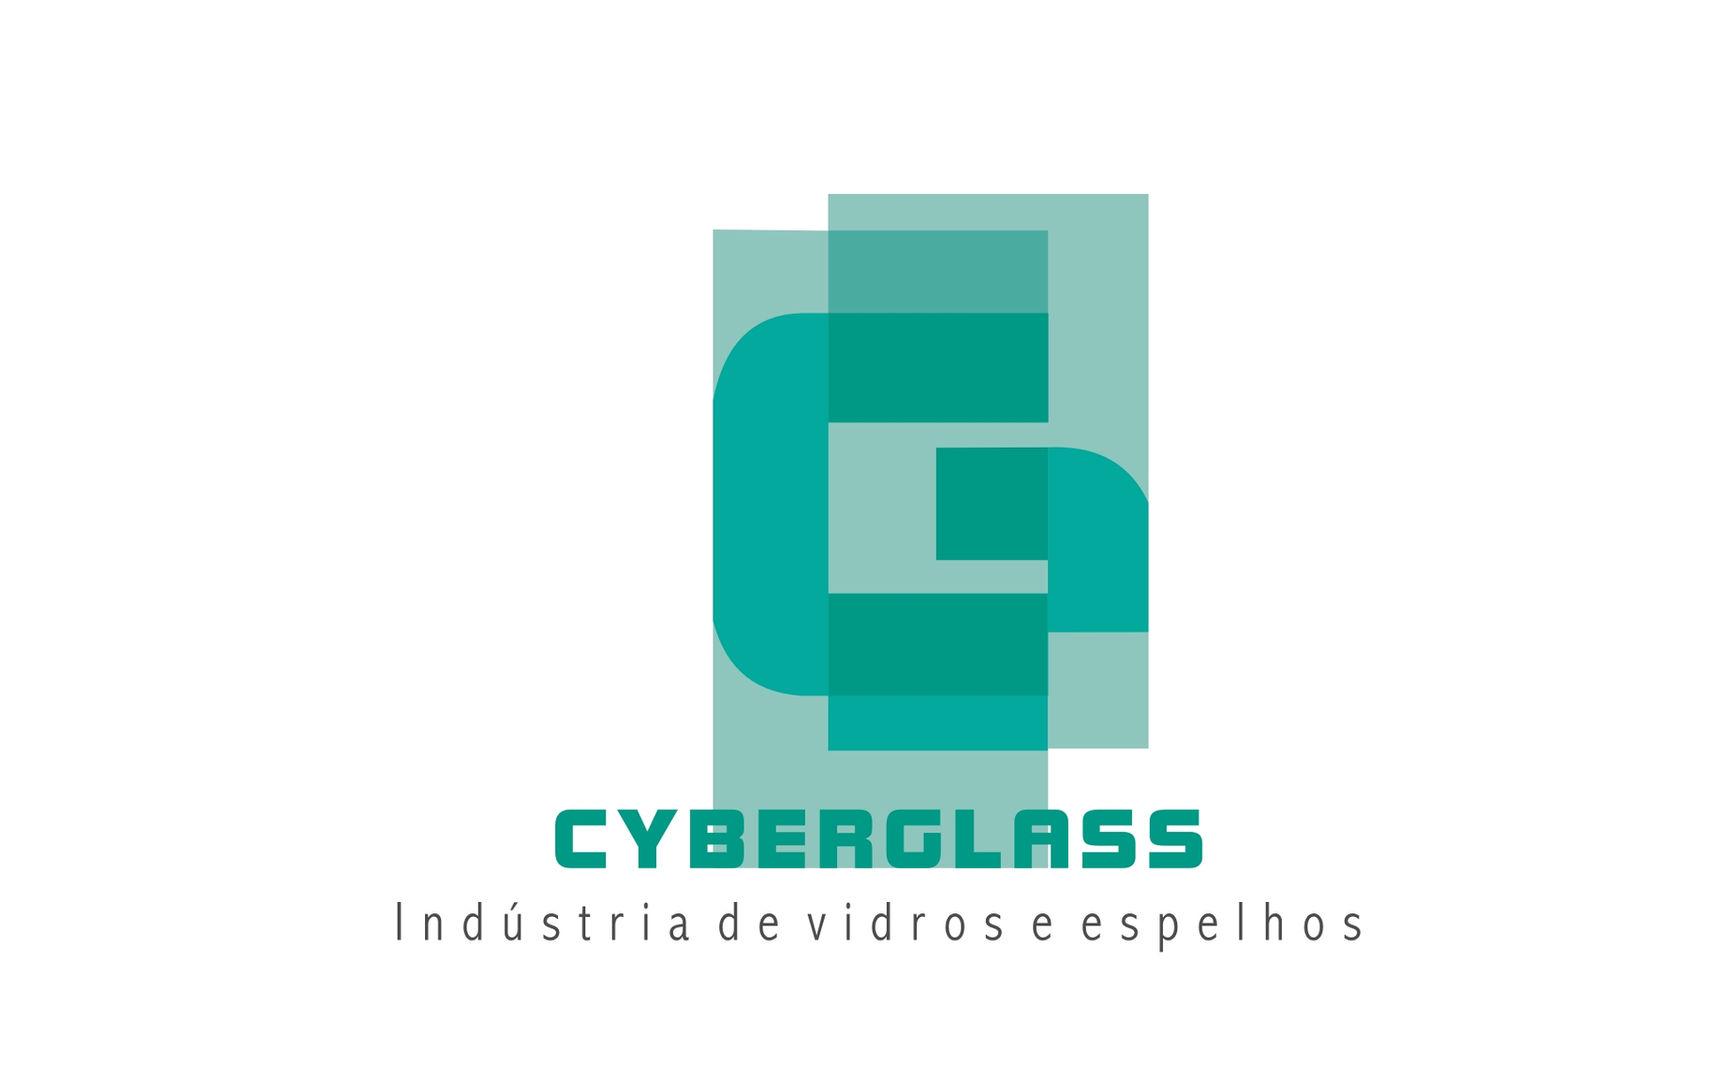 Cyberglass.jpg